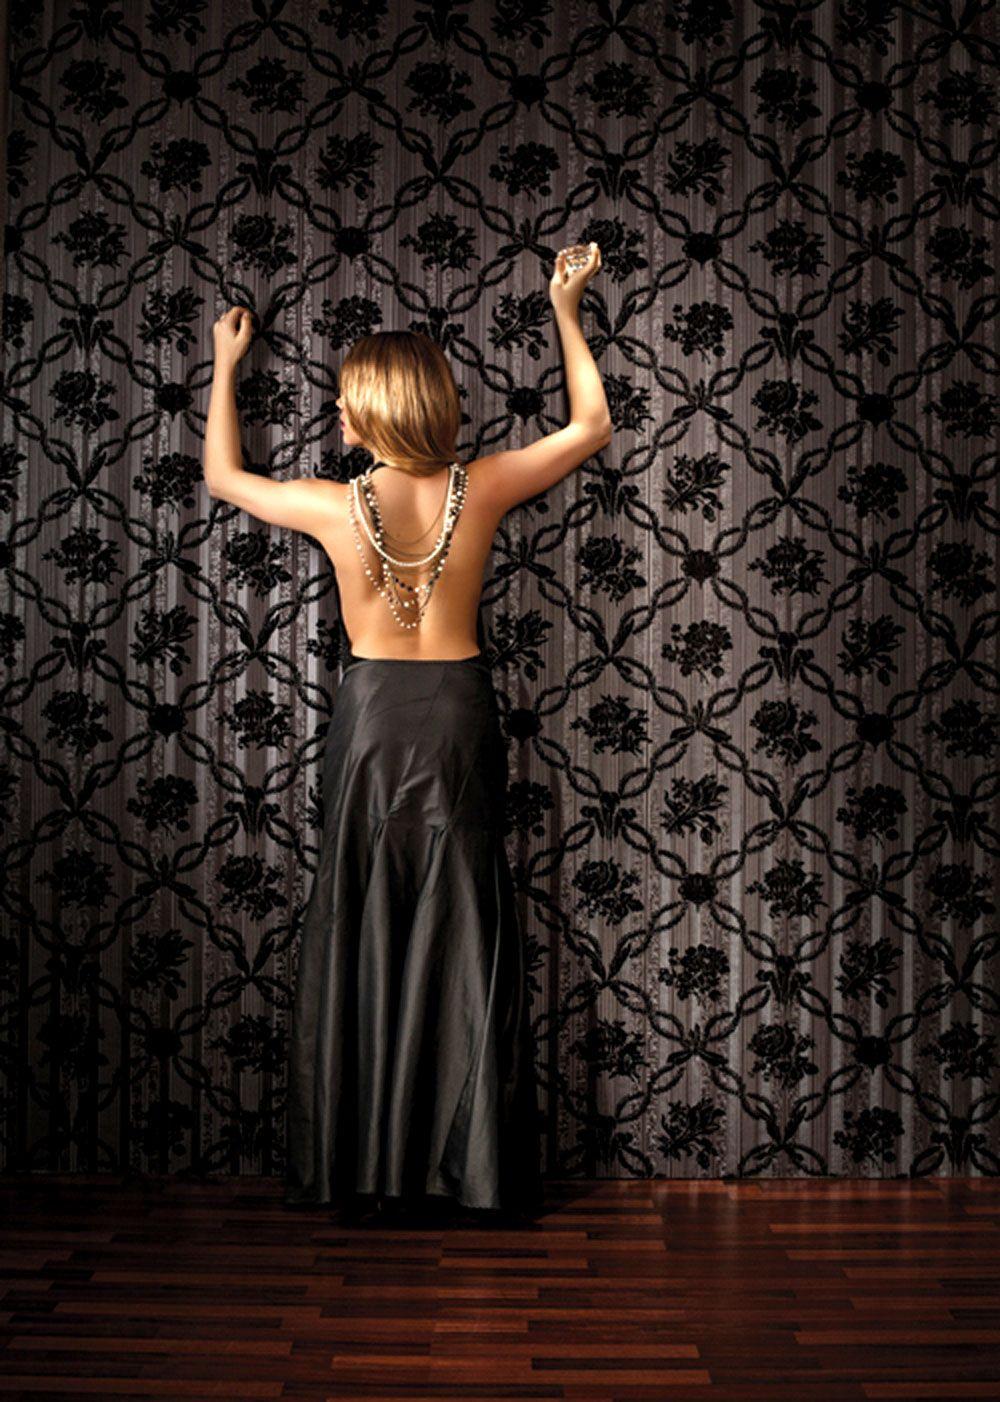 luxustapete stil wall-silk iv muster schwarz barock tapete online ... - Barock Tapete Wohnzimmer Weis